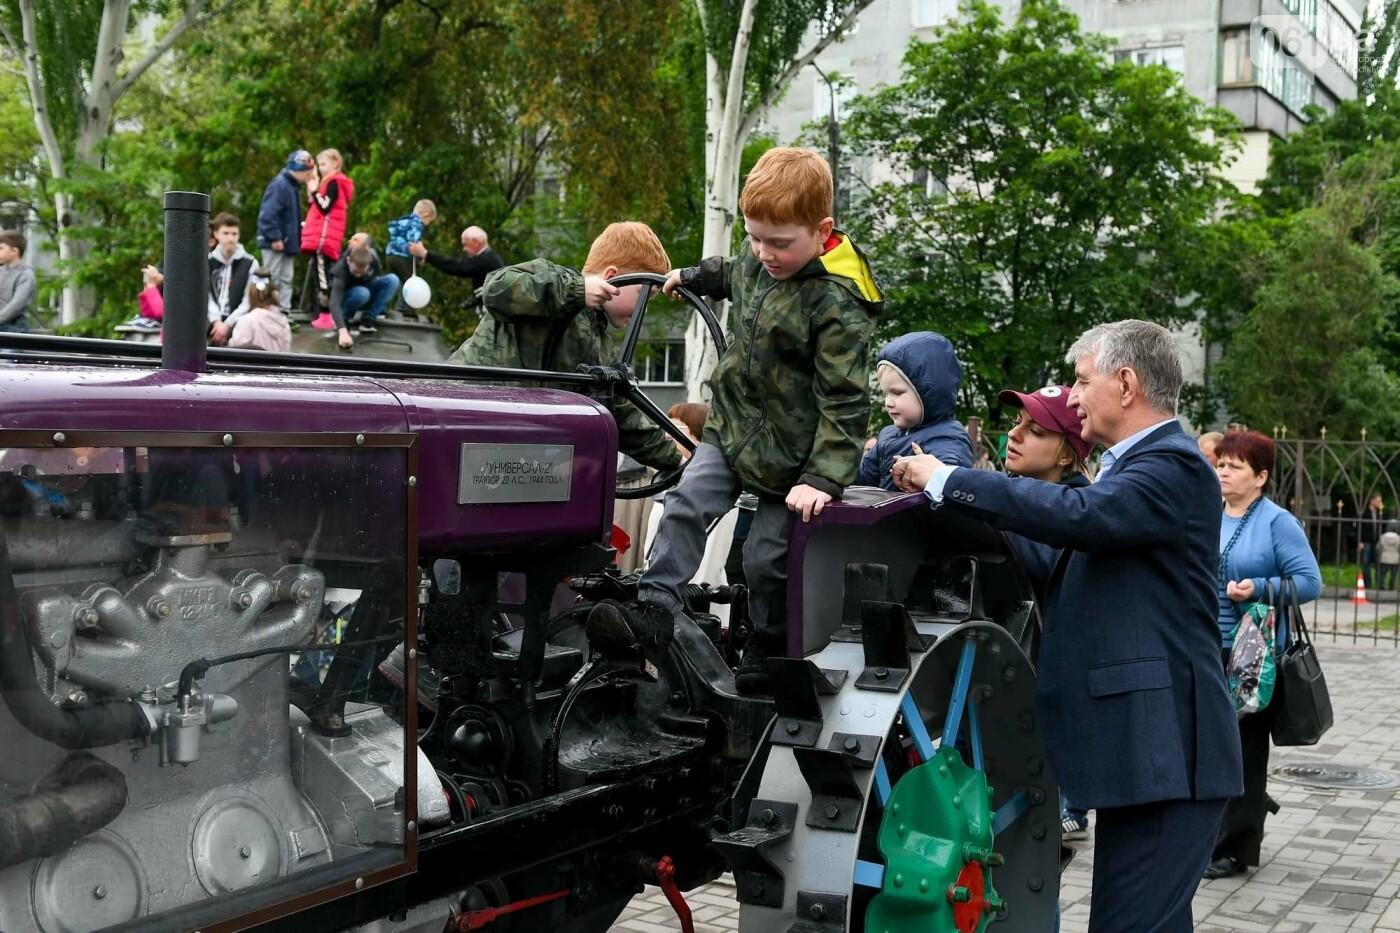 """Богуслаев на """"Победе"""", полевая кухня и концерт: в Запорожье в парке Климова проходят гуляния, - ФОТОРЕПОРТАЖ, фото-24"""